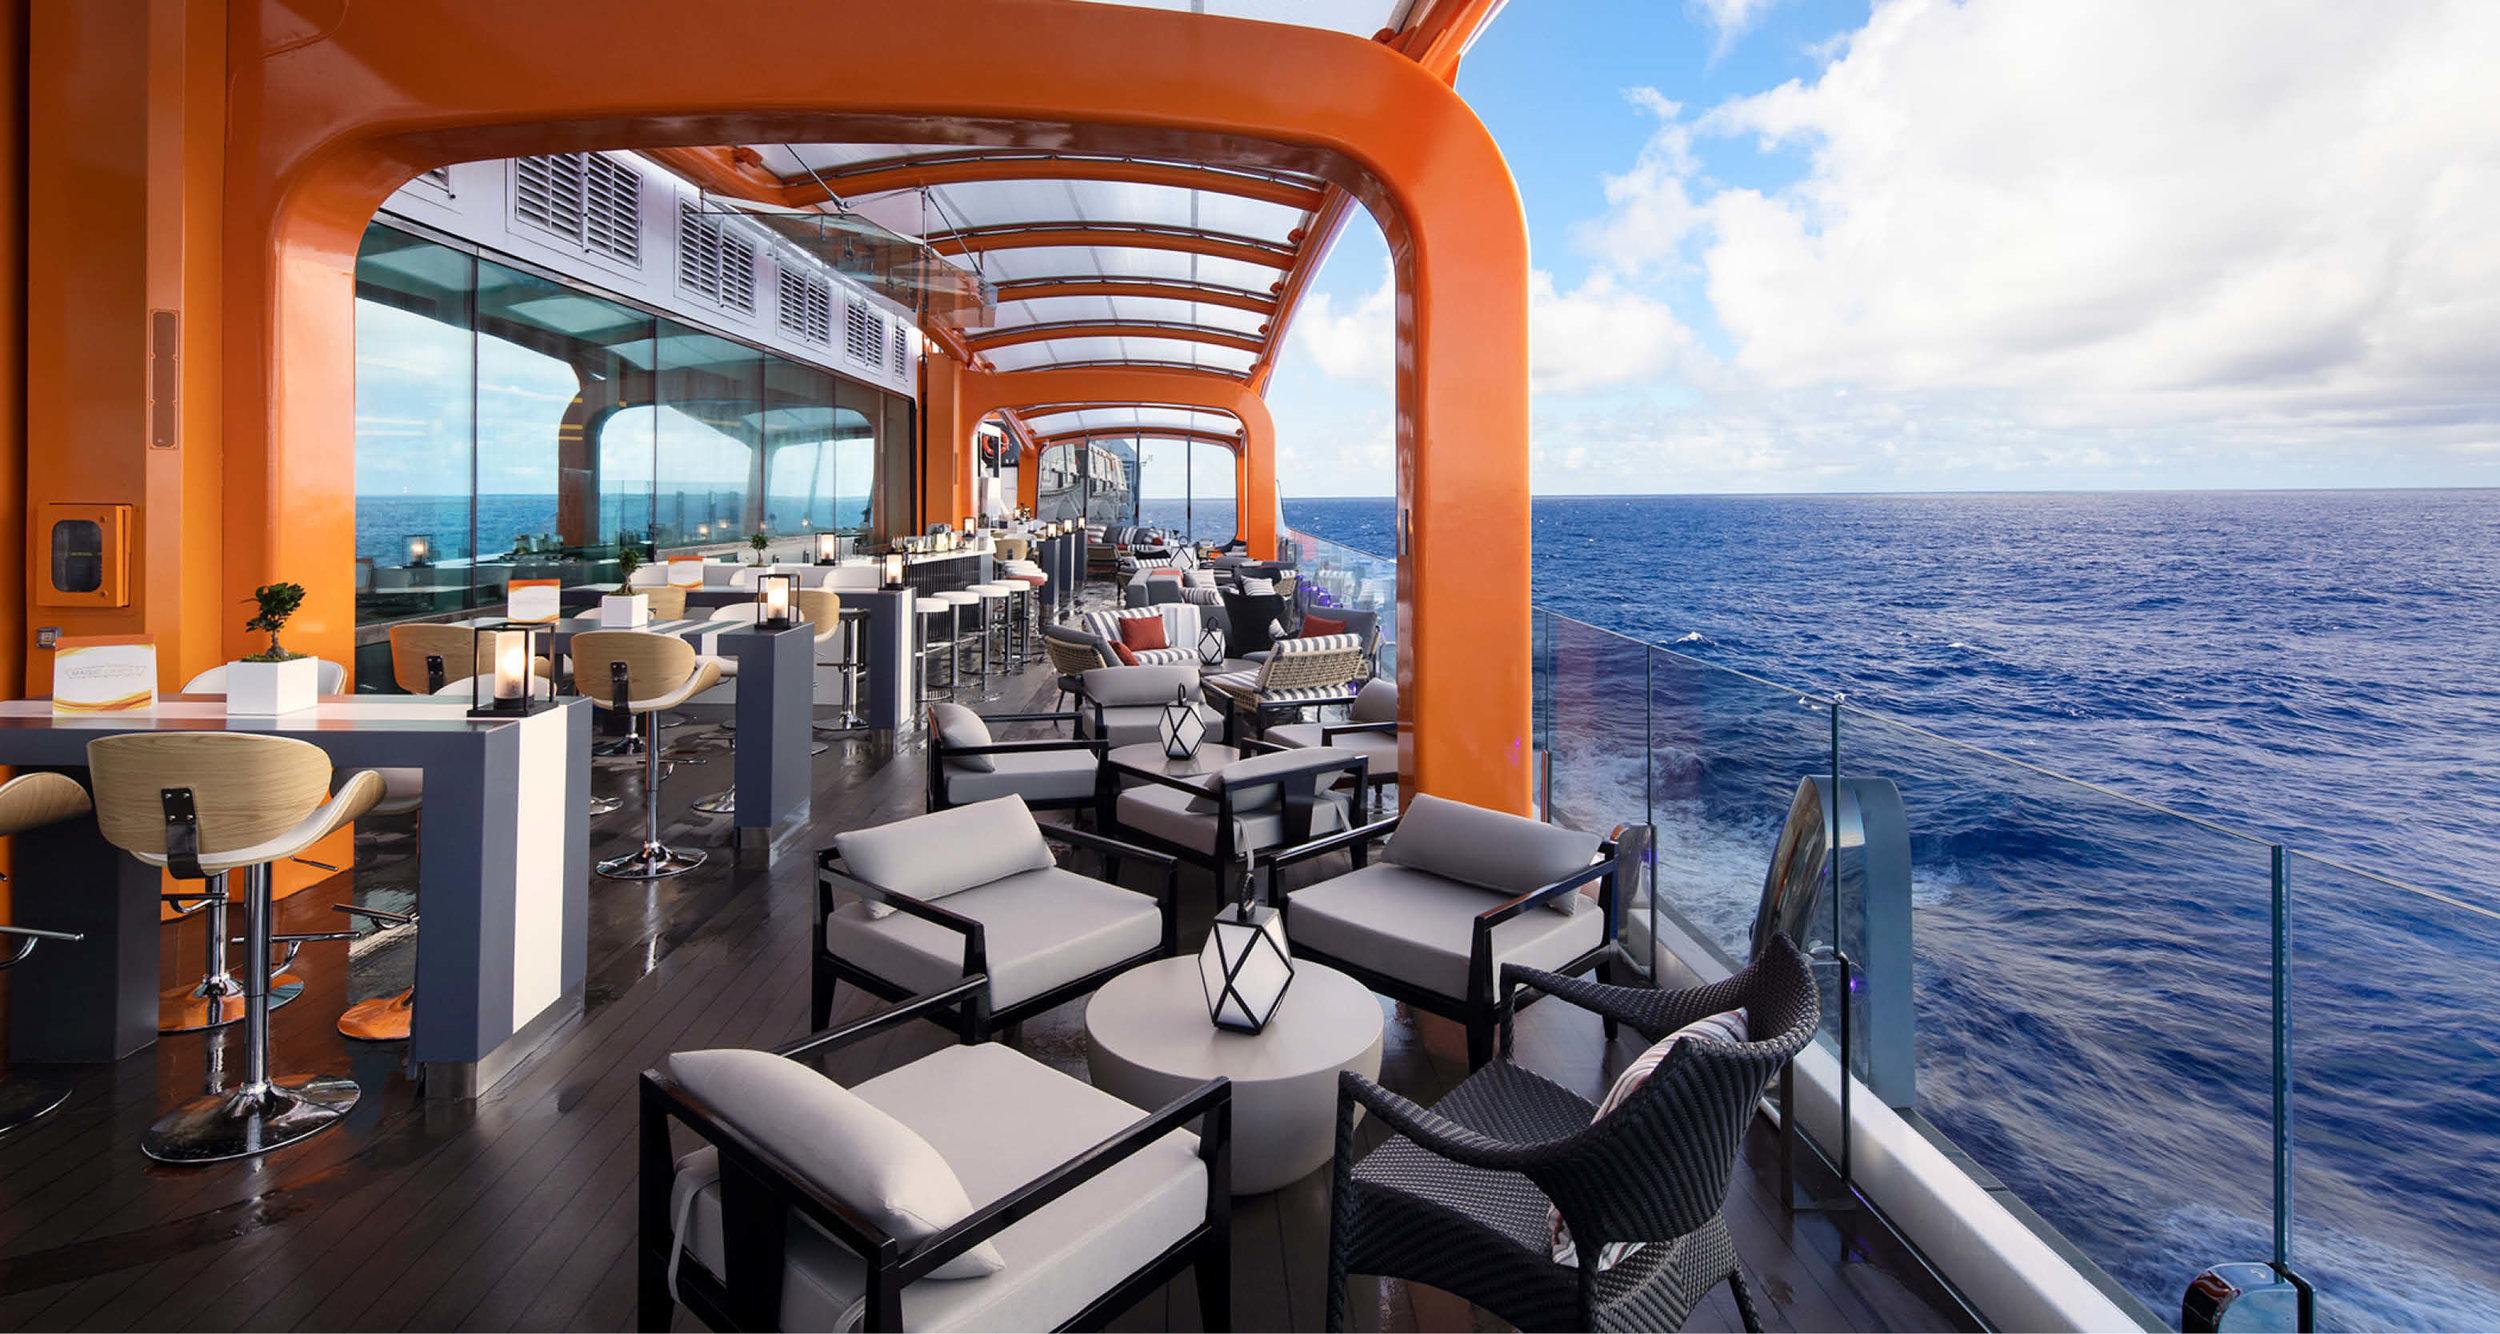 Dream-Maker-Travel-Ship-Celebrity-Edge-Cantilever.jpg